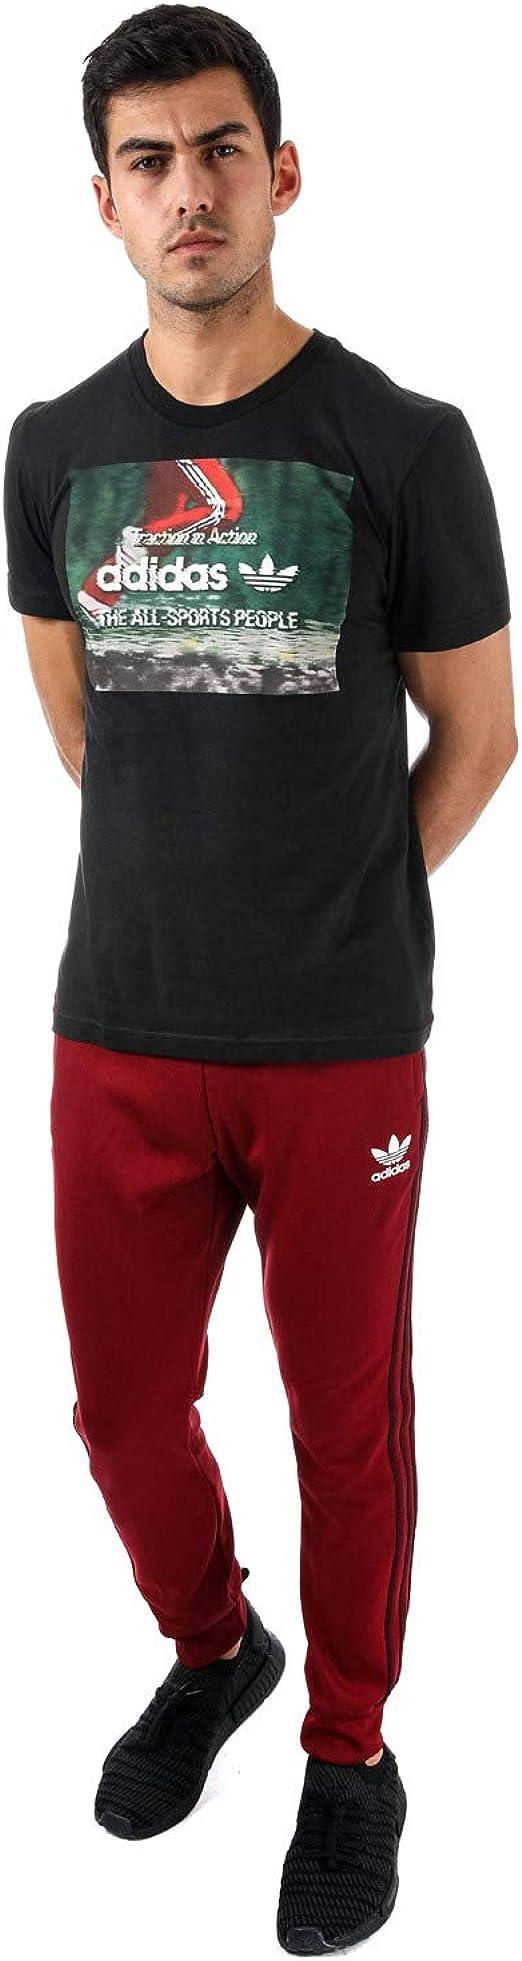 adidas - Chándal - para Hombre Rojo Granate 27-32: Amazon.es: Ropa ...